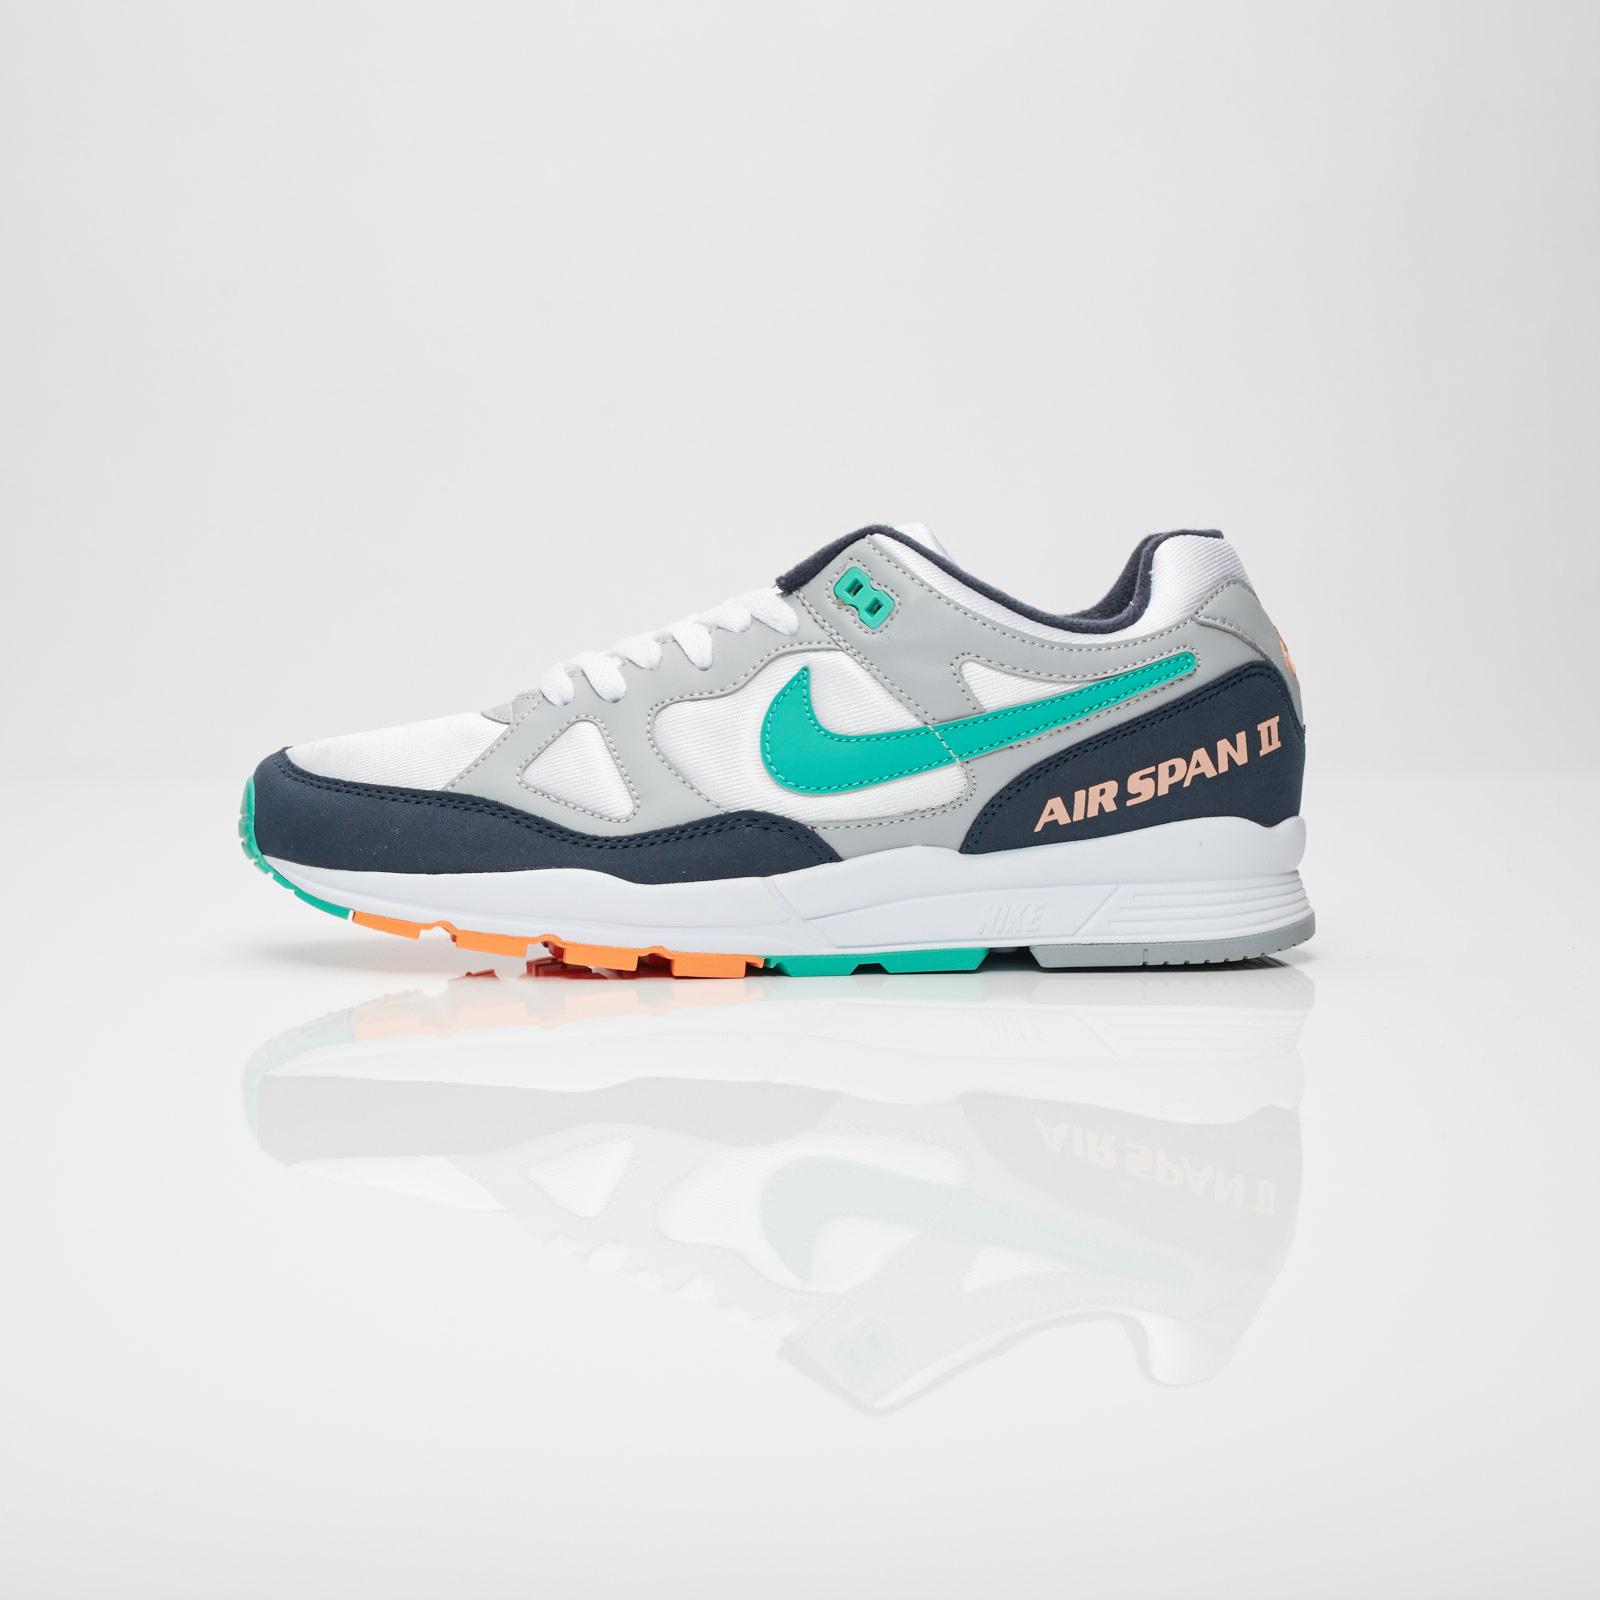 4c6dd689368 Nike Air Span II - Ah8047-006 - Sneakersnstuff